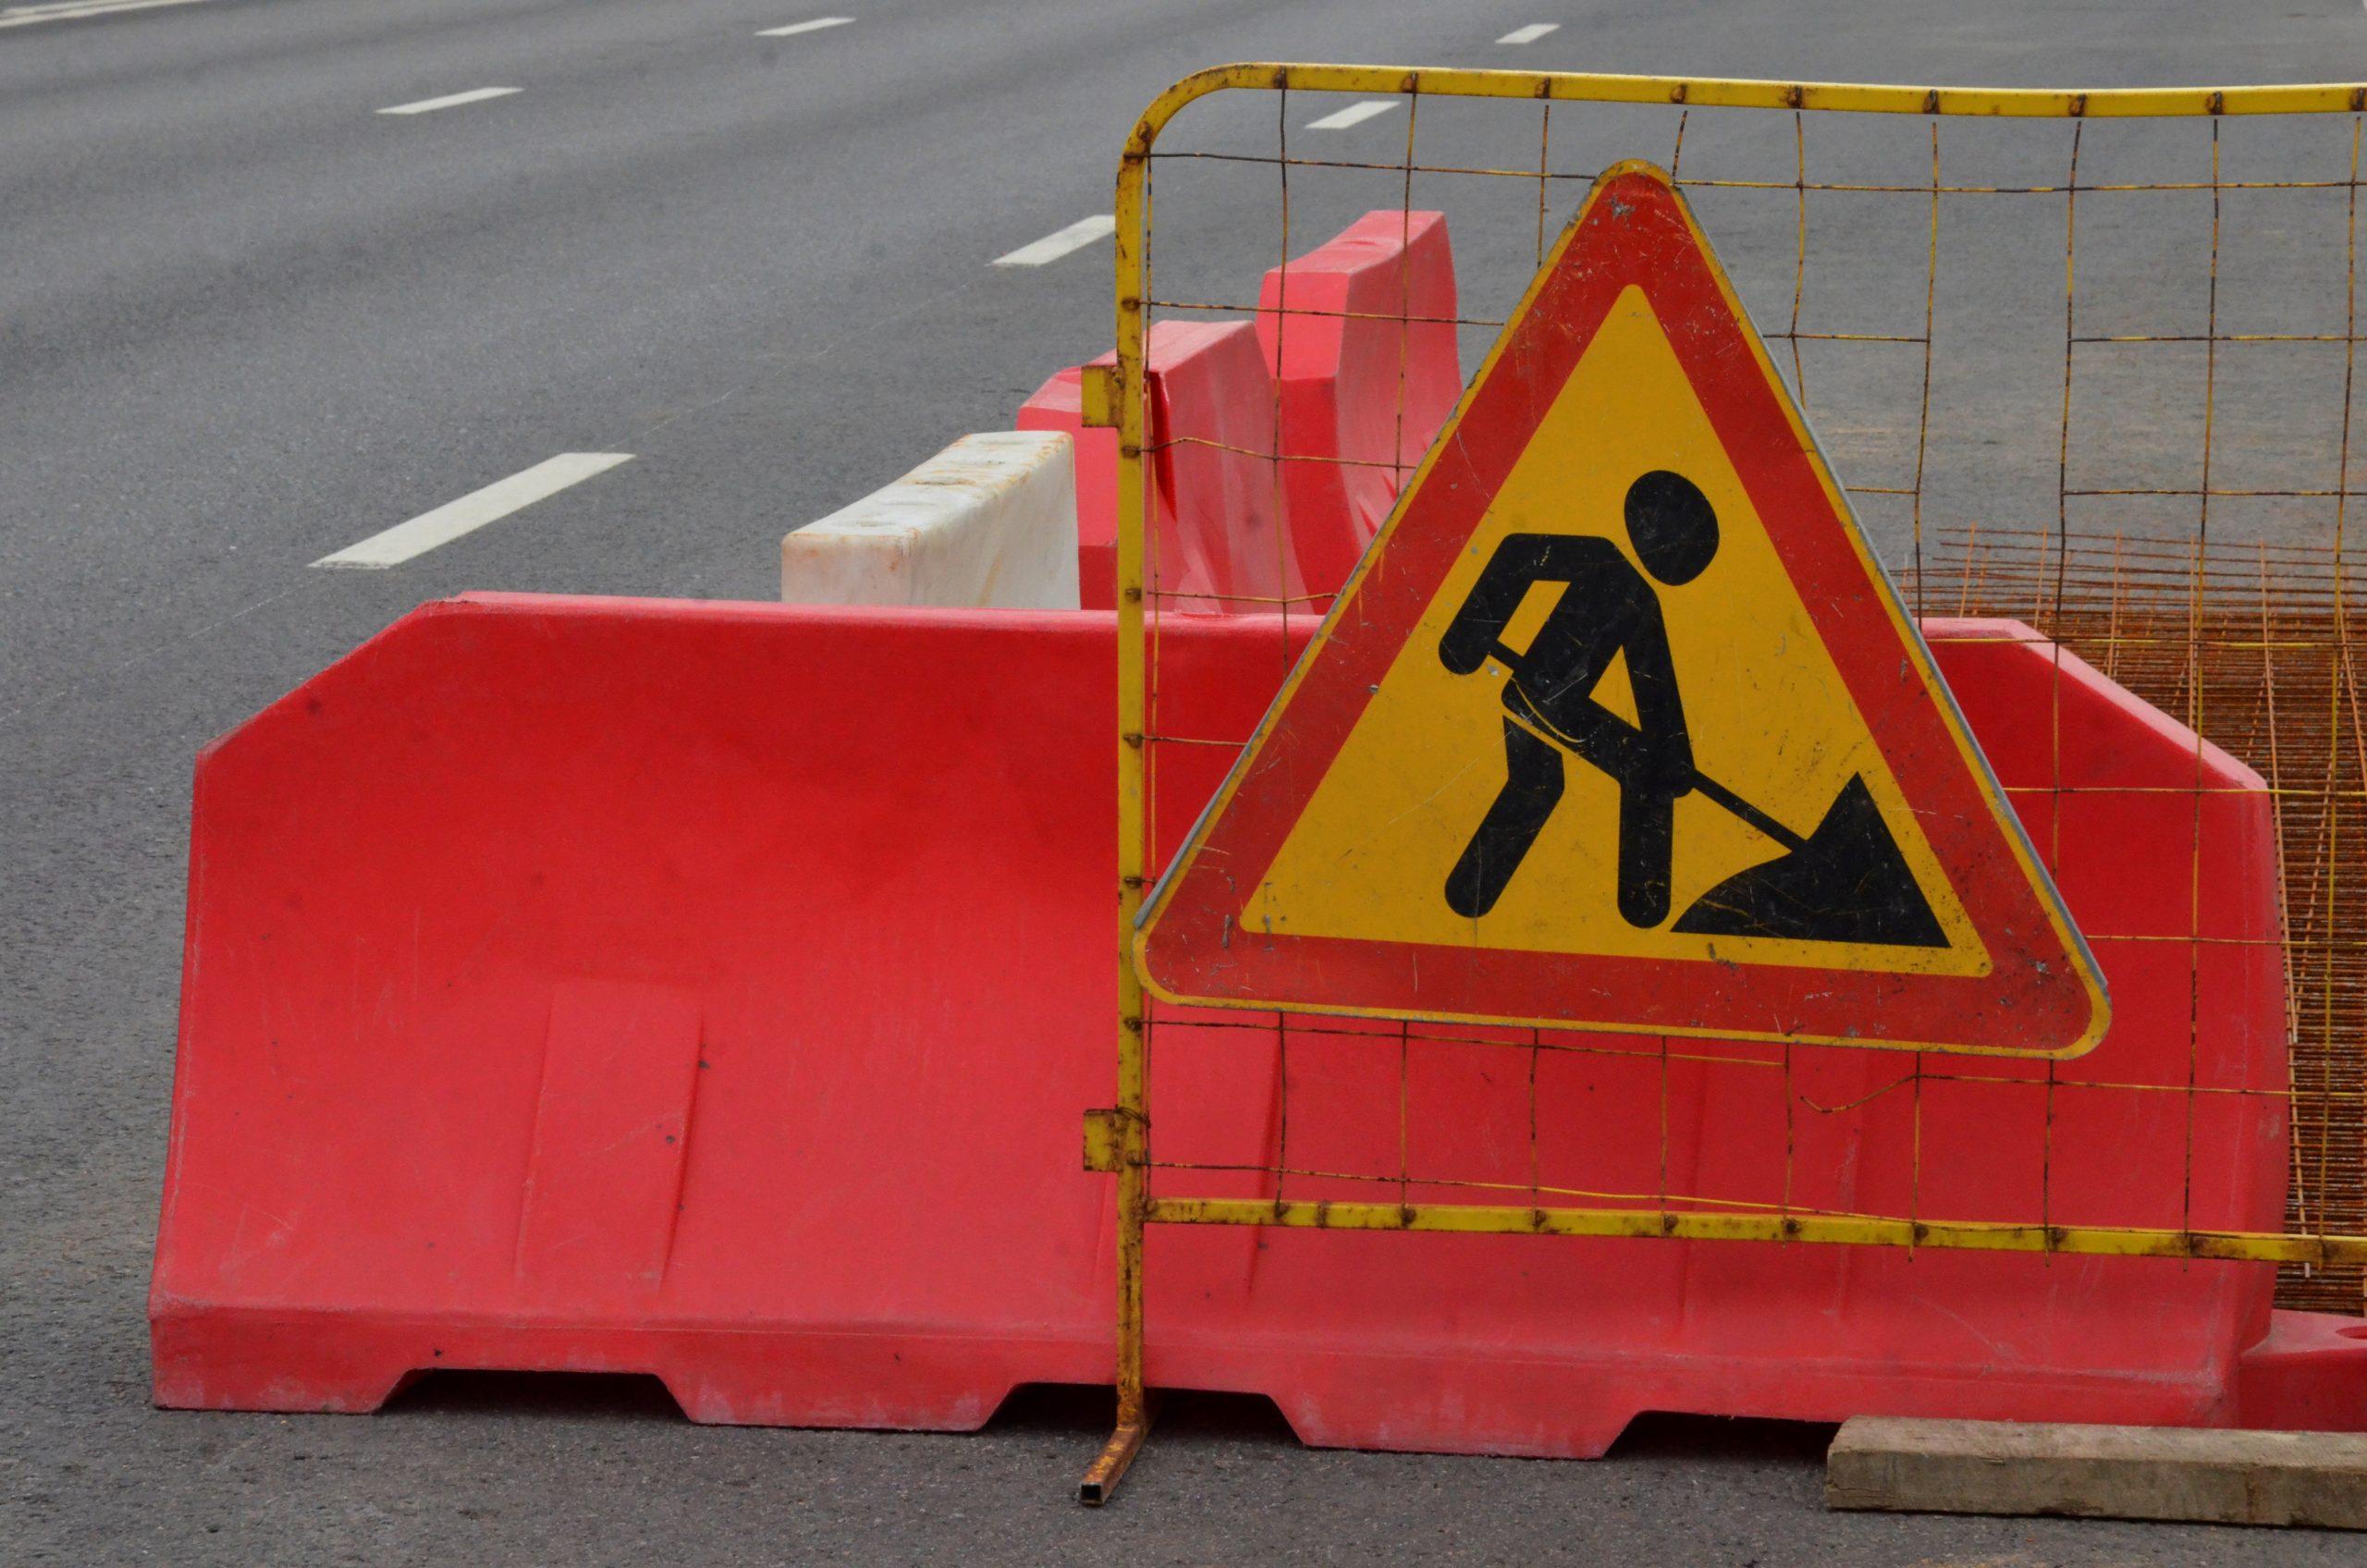 Планами ремонтных работ на улице Мусы Джалиля поделились в Зябликове